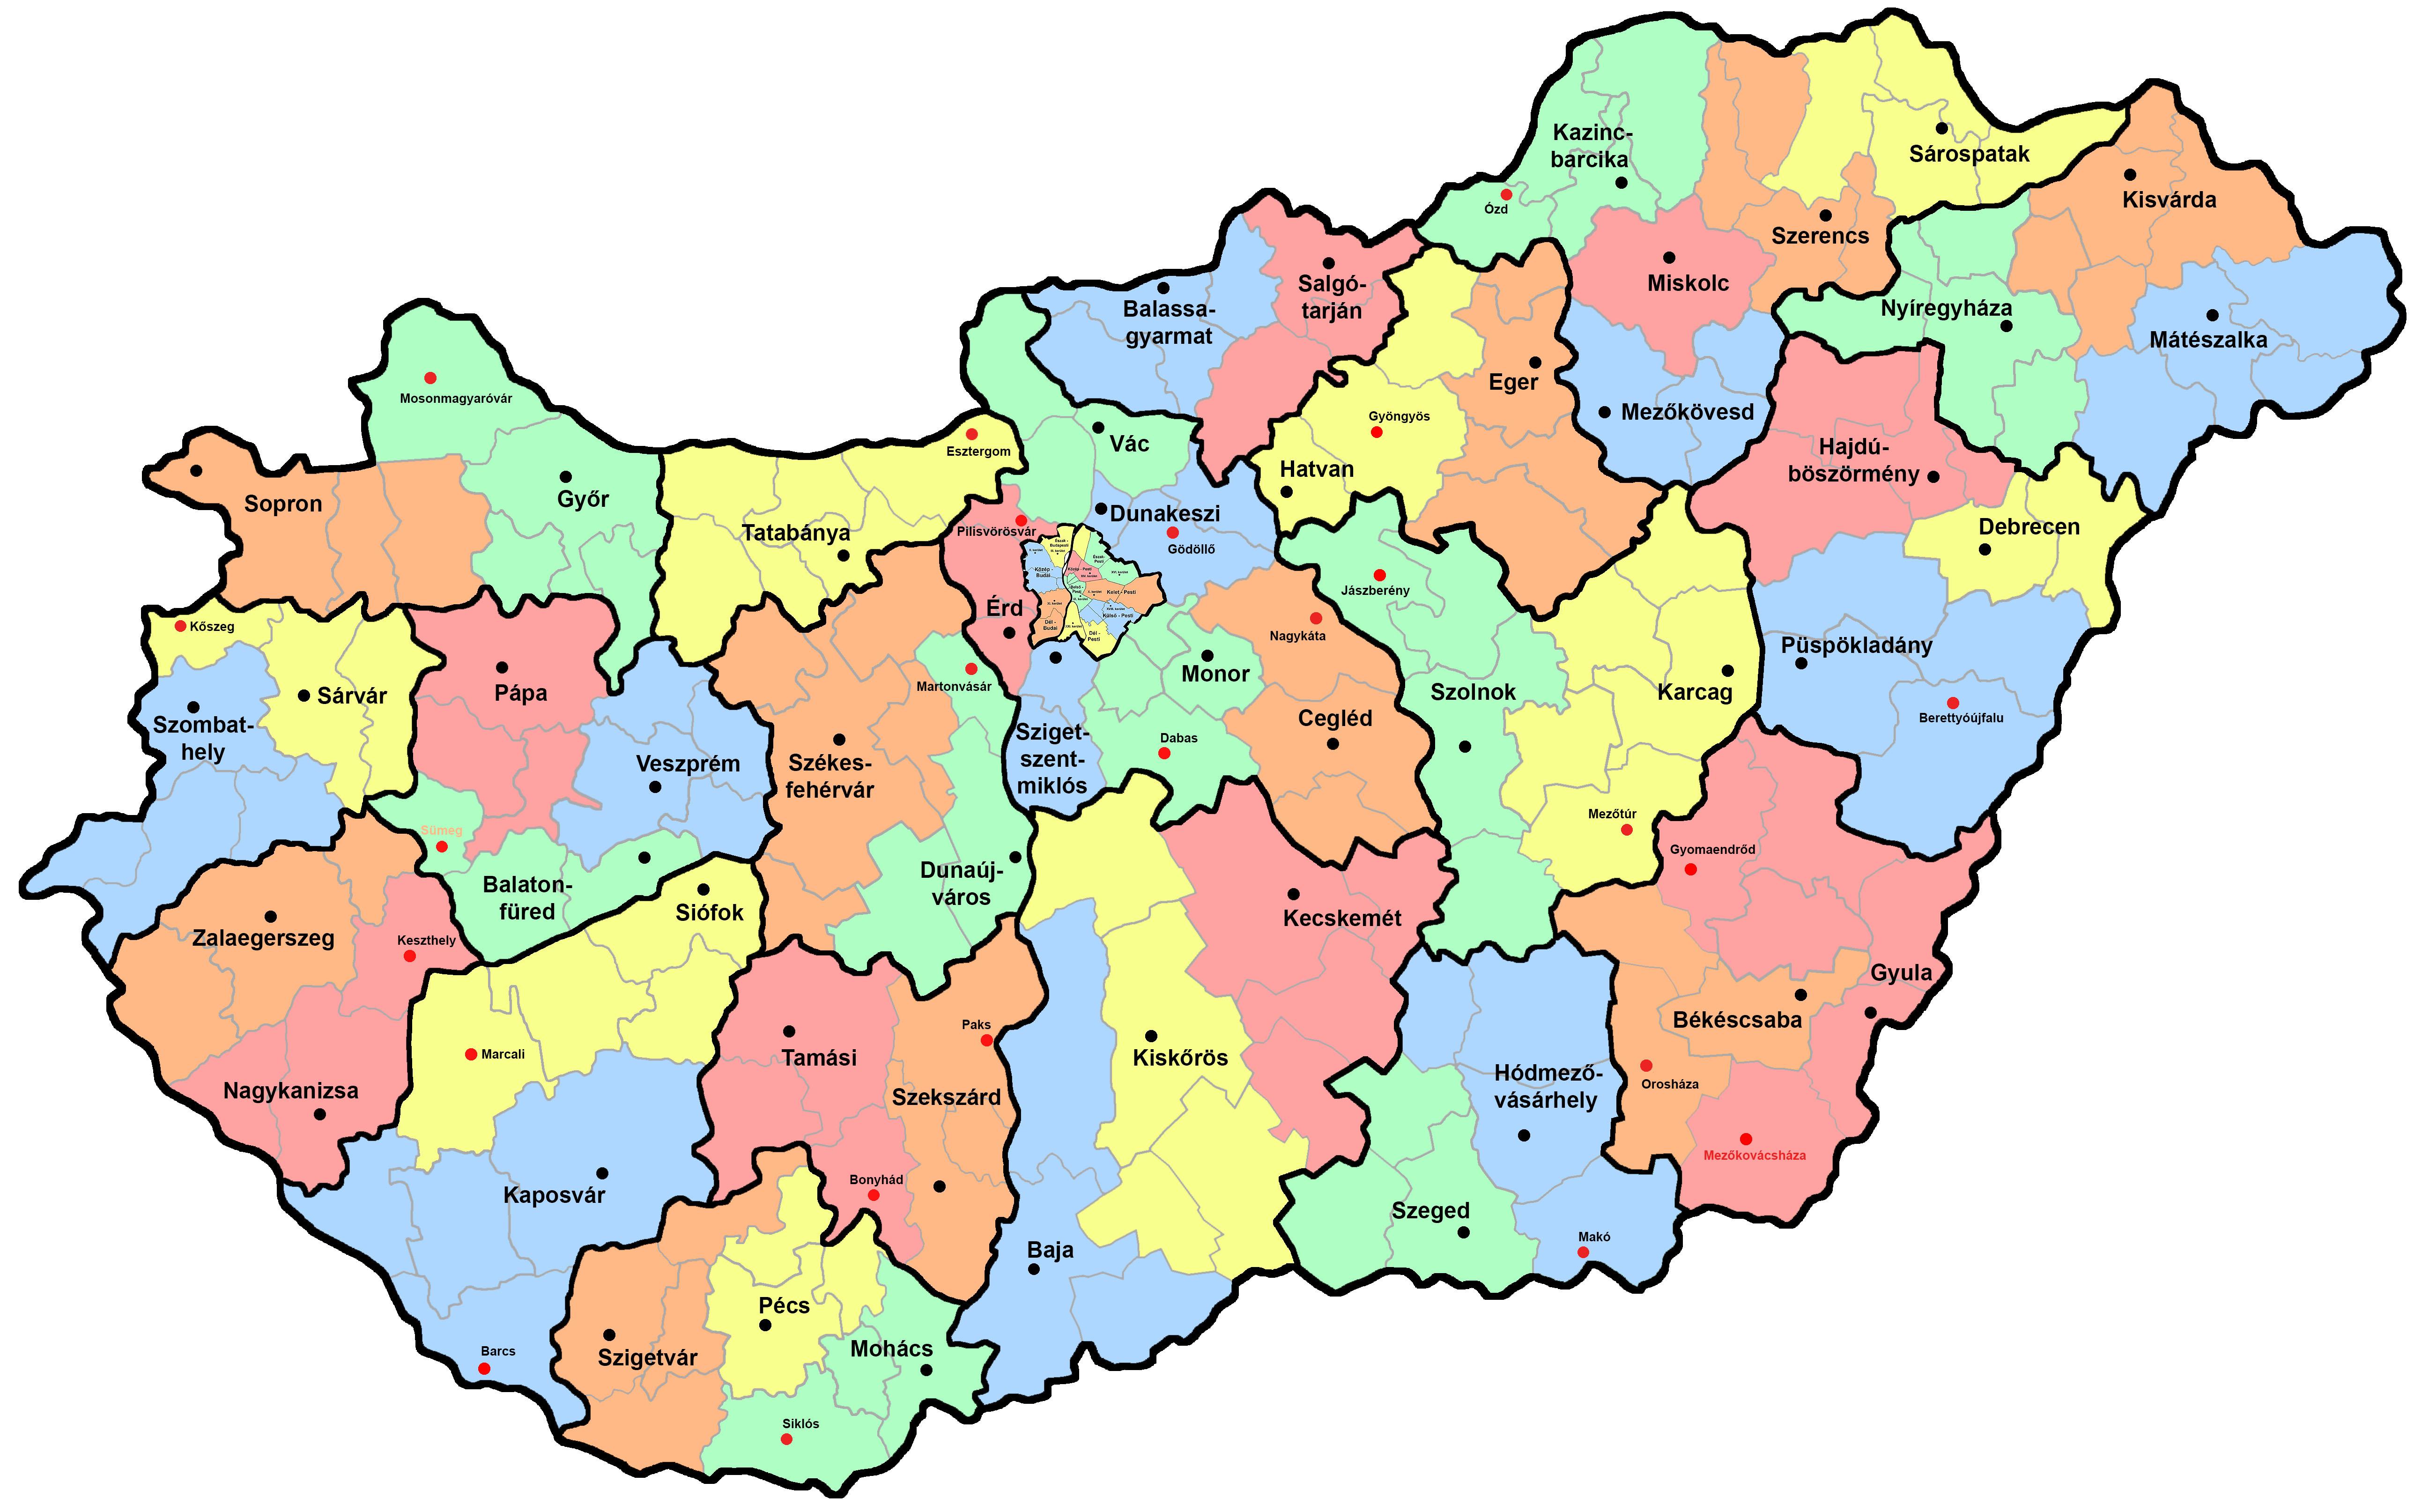 magyarország térkép megyeszékhelyek A papír és a led izzó hiányának fogságában – jelenthet e megoldást  magyarország térkép megyeszékhelyek